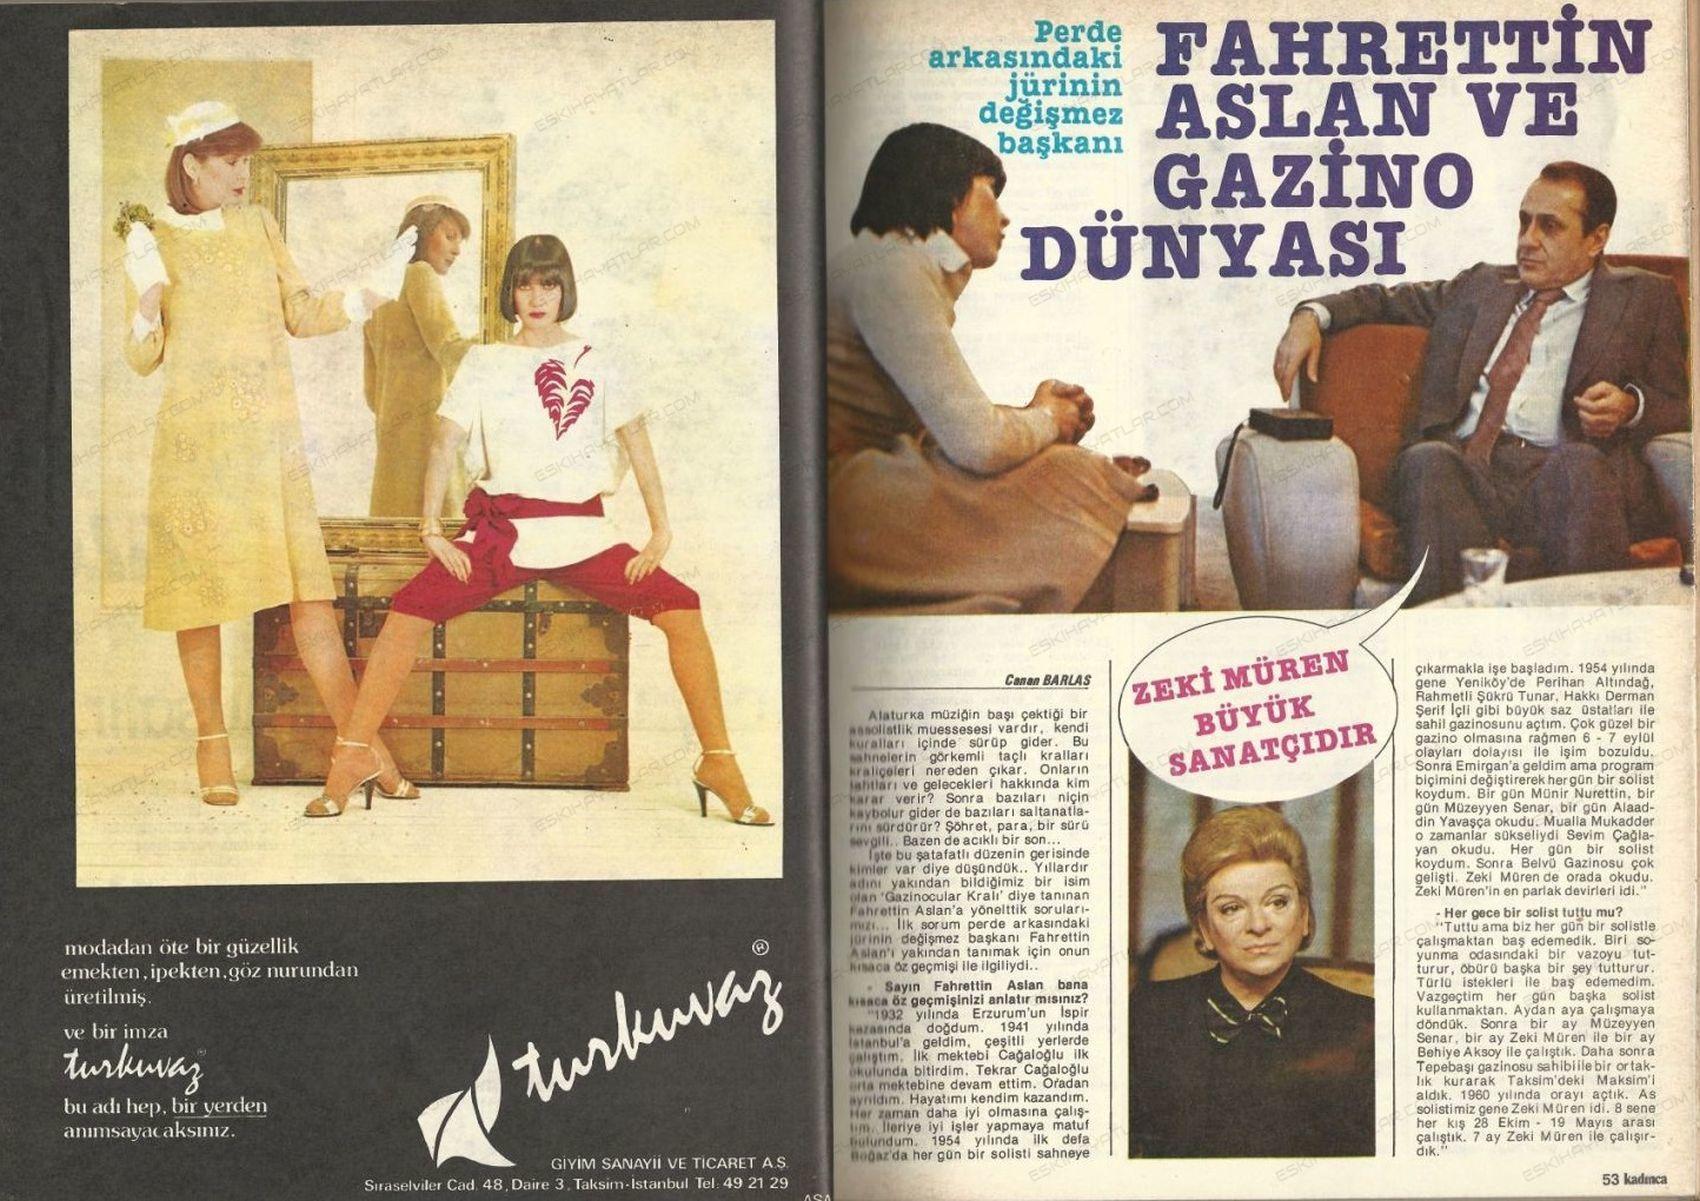 0382-gazinocular-krali-fahrettin-aslan-bulent-ersoy-assolist-muazzez-abaci-gencligi-kamuran-akkor-kimdir-1981-kadinca-dergisi (2)